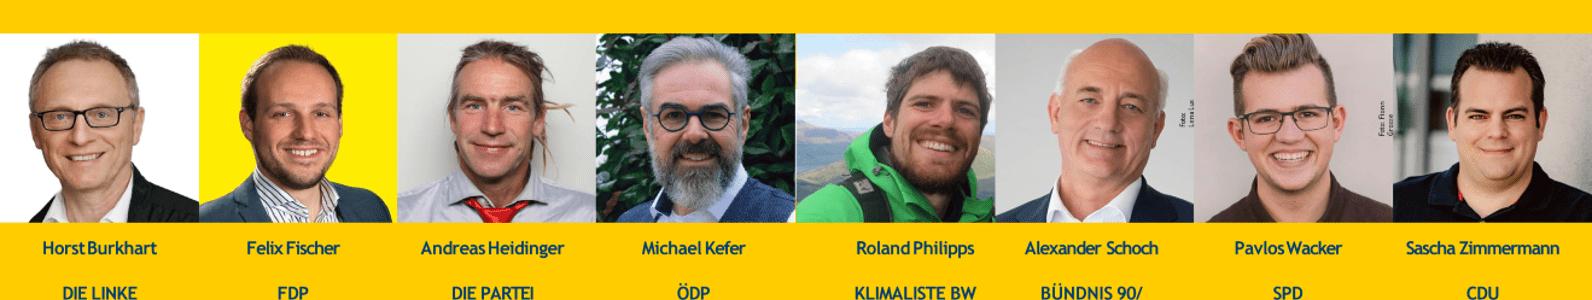 """Rückblick: Digitale Podiumsdiskussion """"Klimaschutz & Energiewende"""" mit Landtagskandidaten des Wahlkreis Emmendingen"""